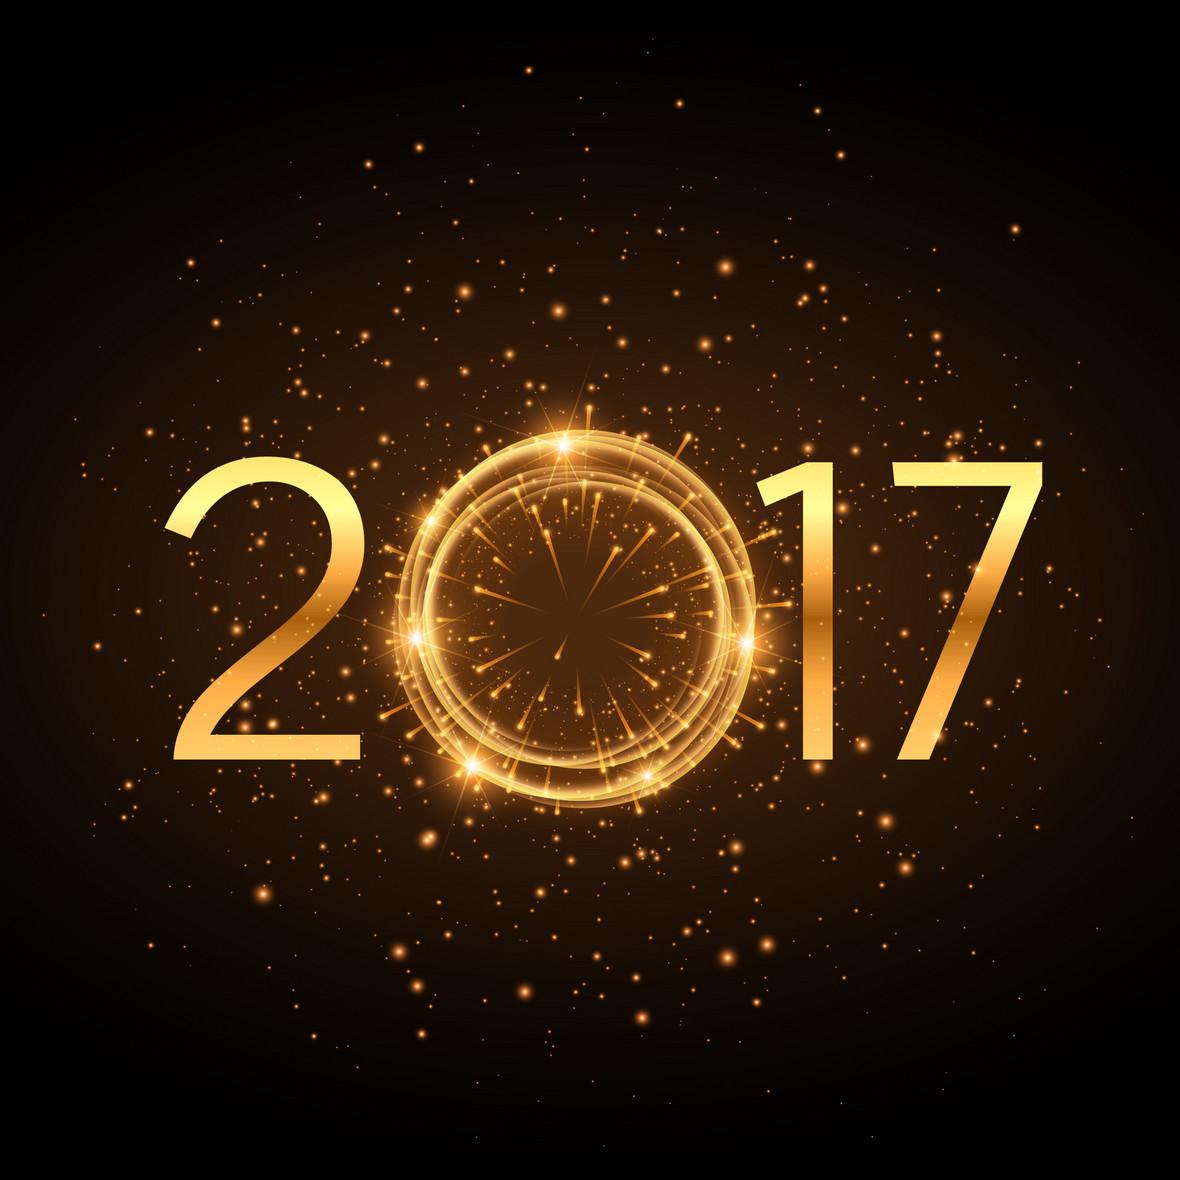 2017新年倒计时狂欢背景素材